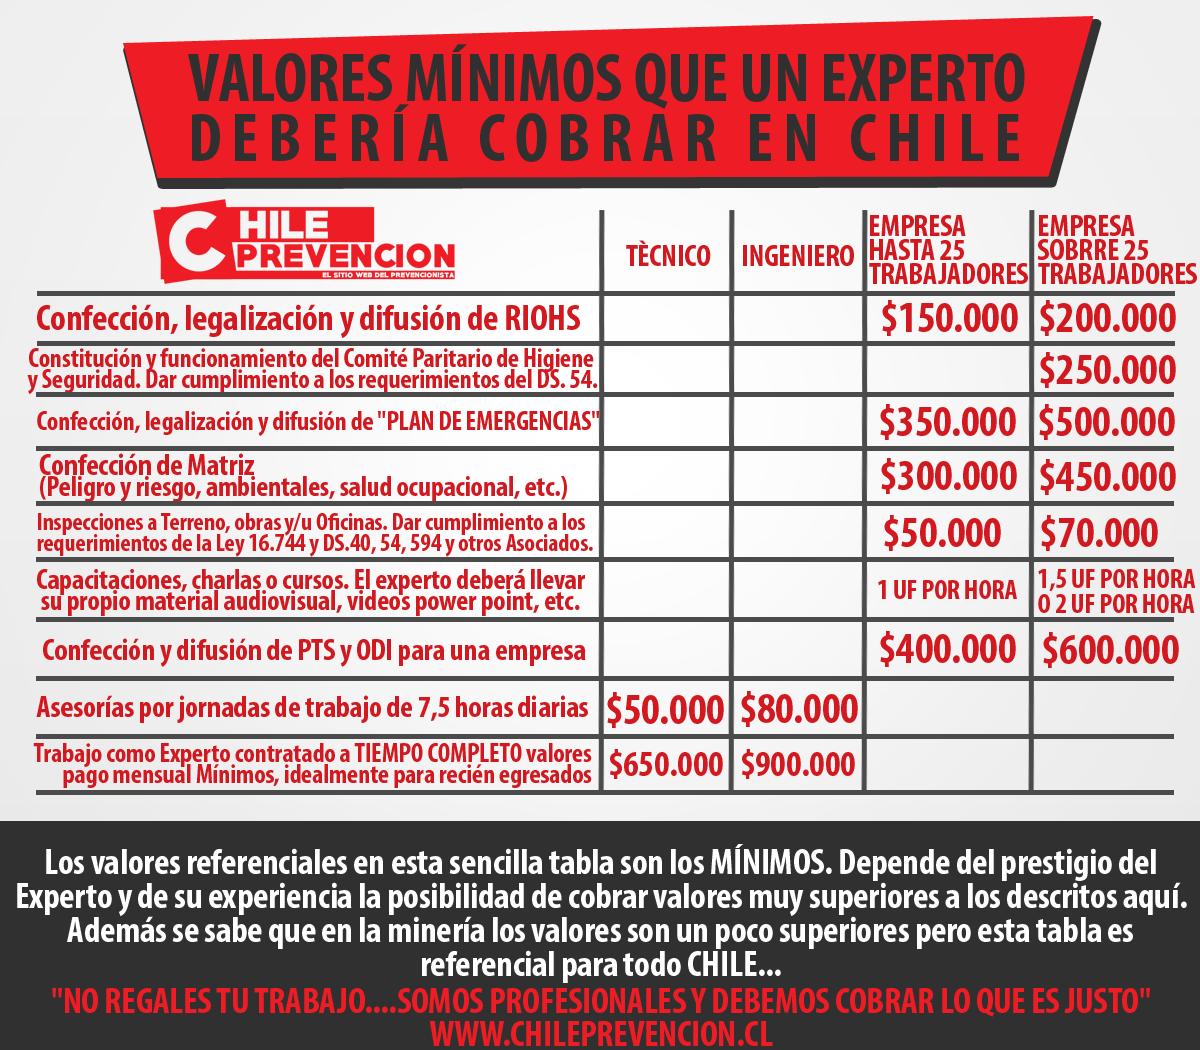 charlas de prevencion de riesgos chile en pdf